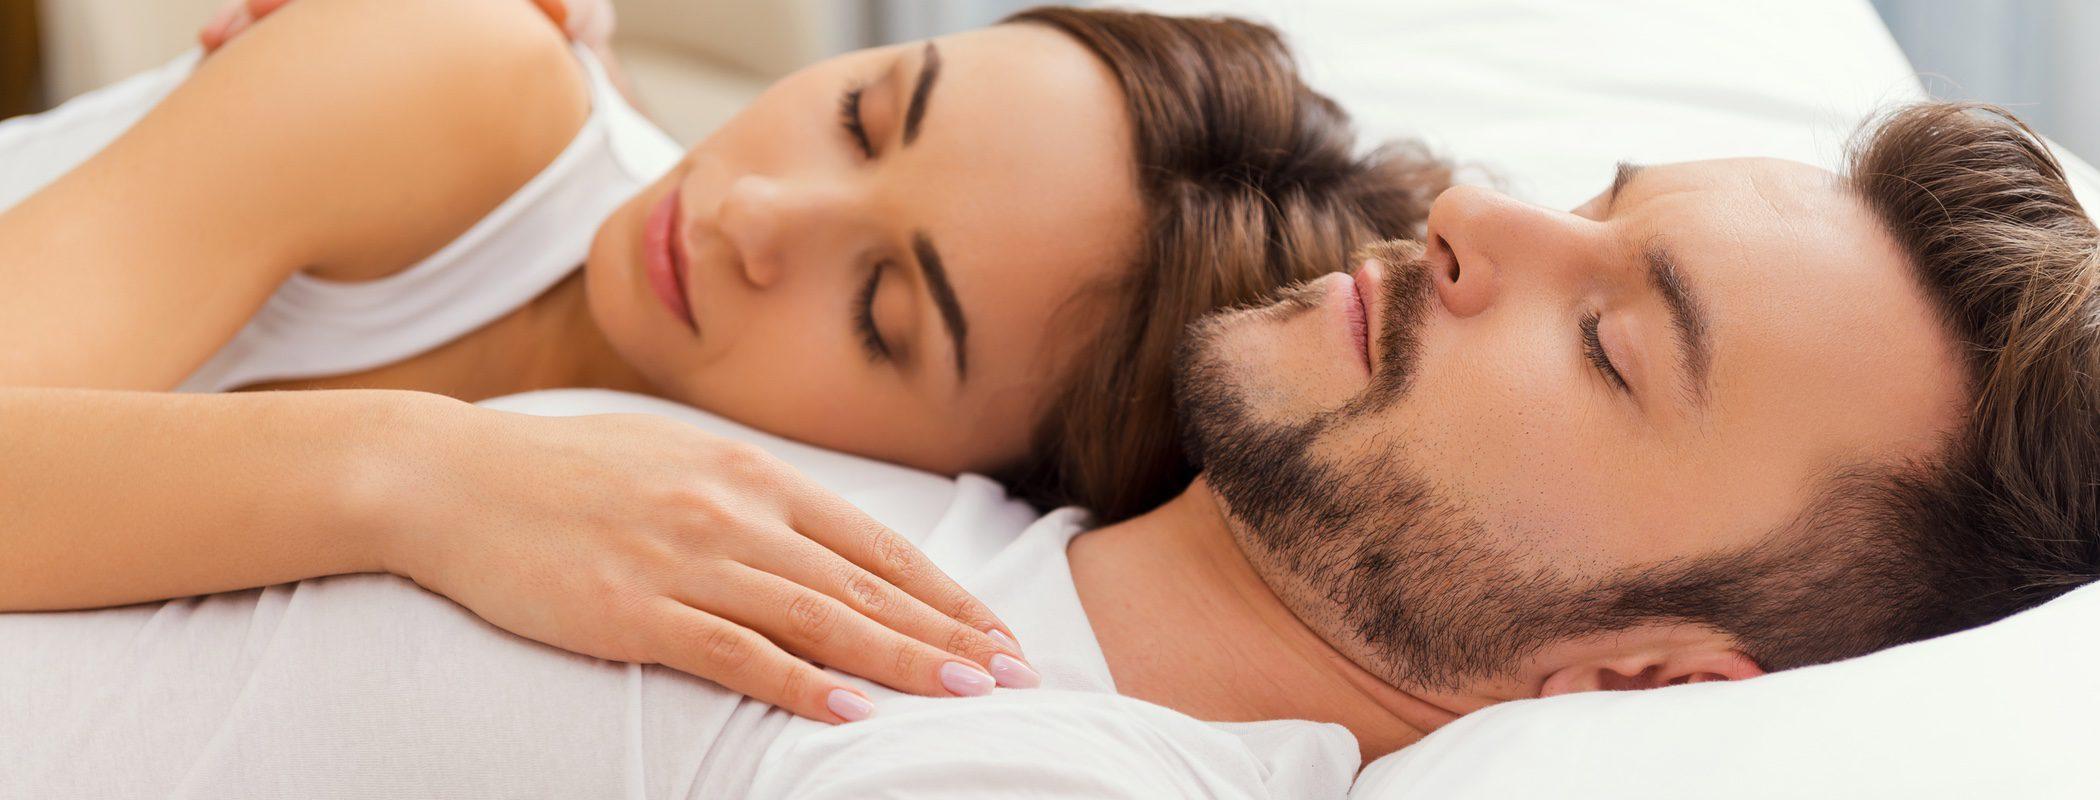 Los 5 sueños eróticos más comunes que puedes tener